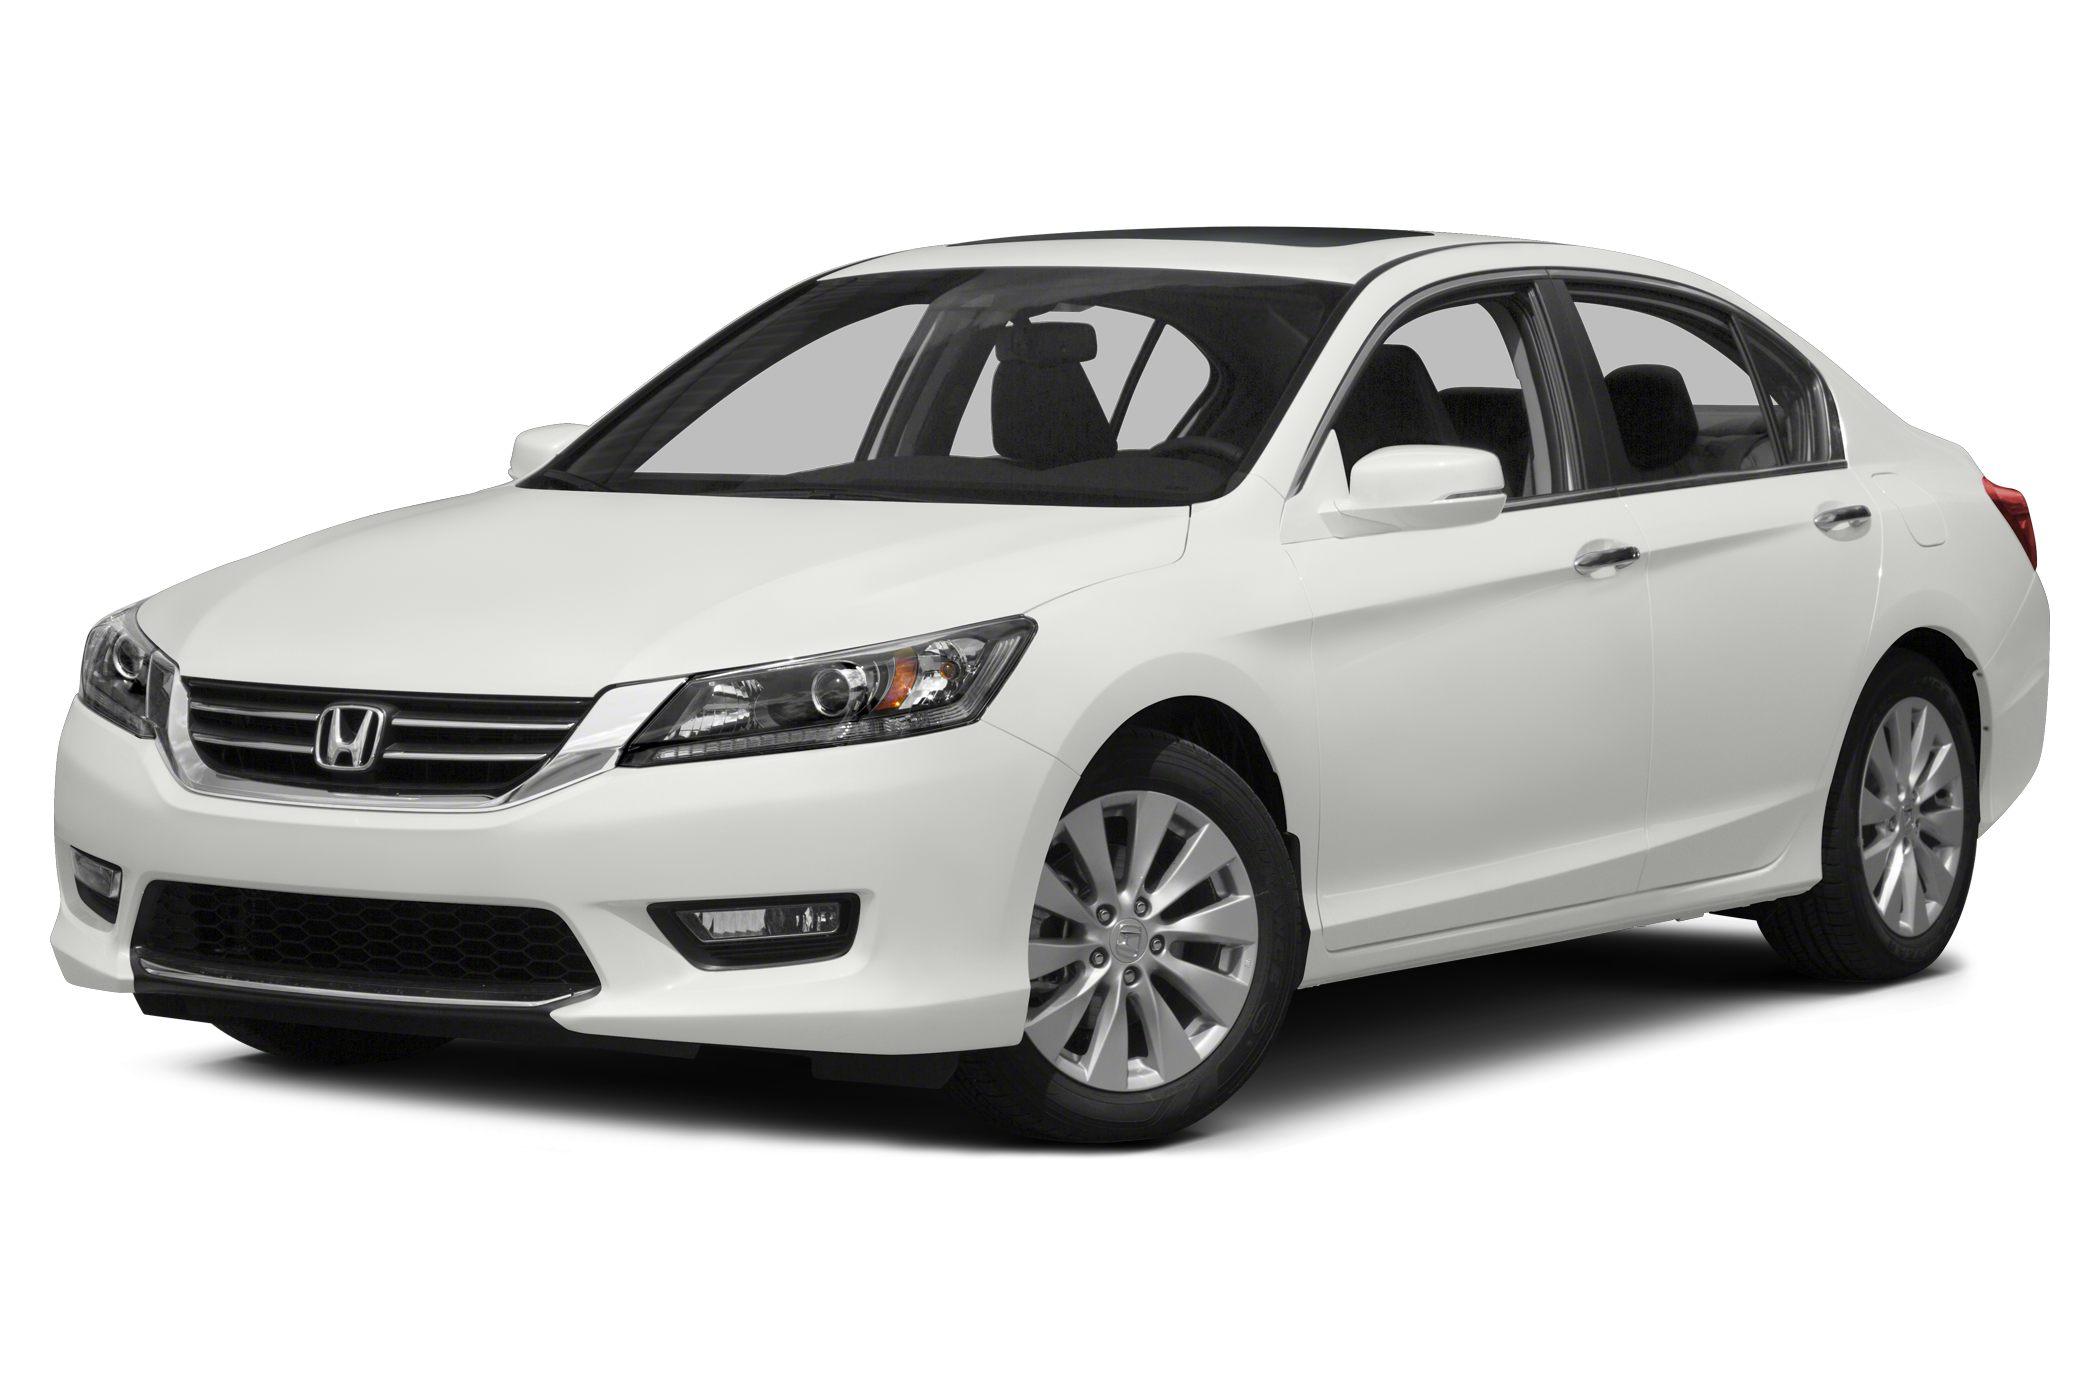 2013 Honda Accord Ex L 4dr Sedan Specs And Prices